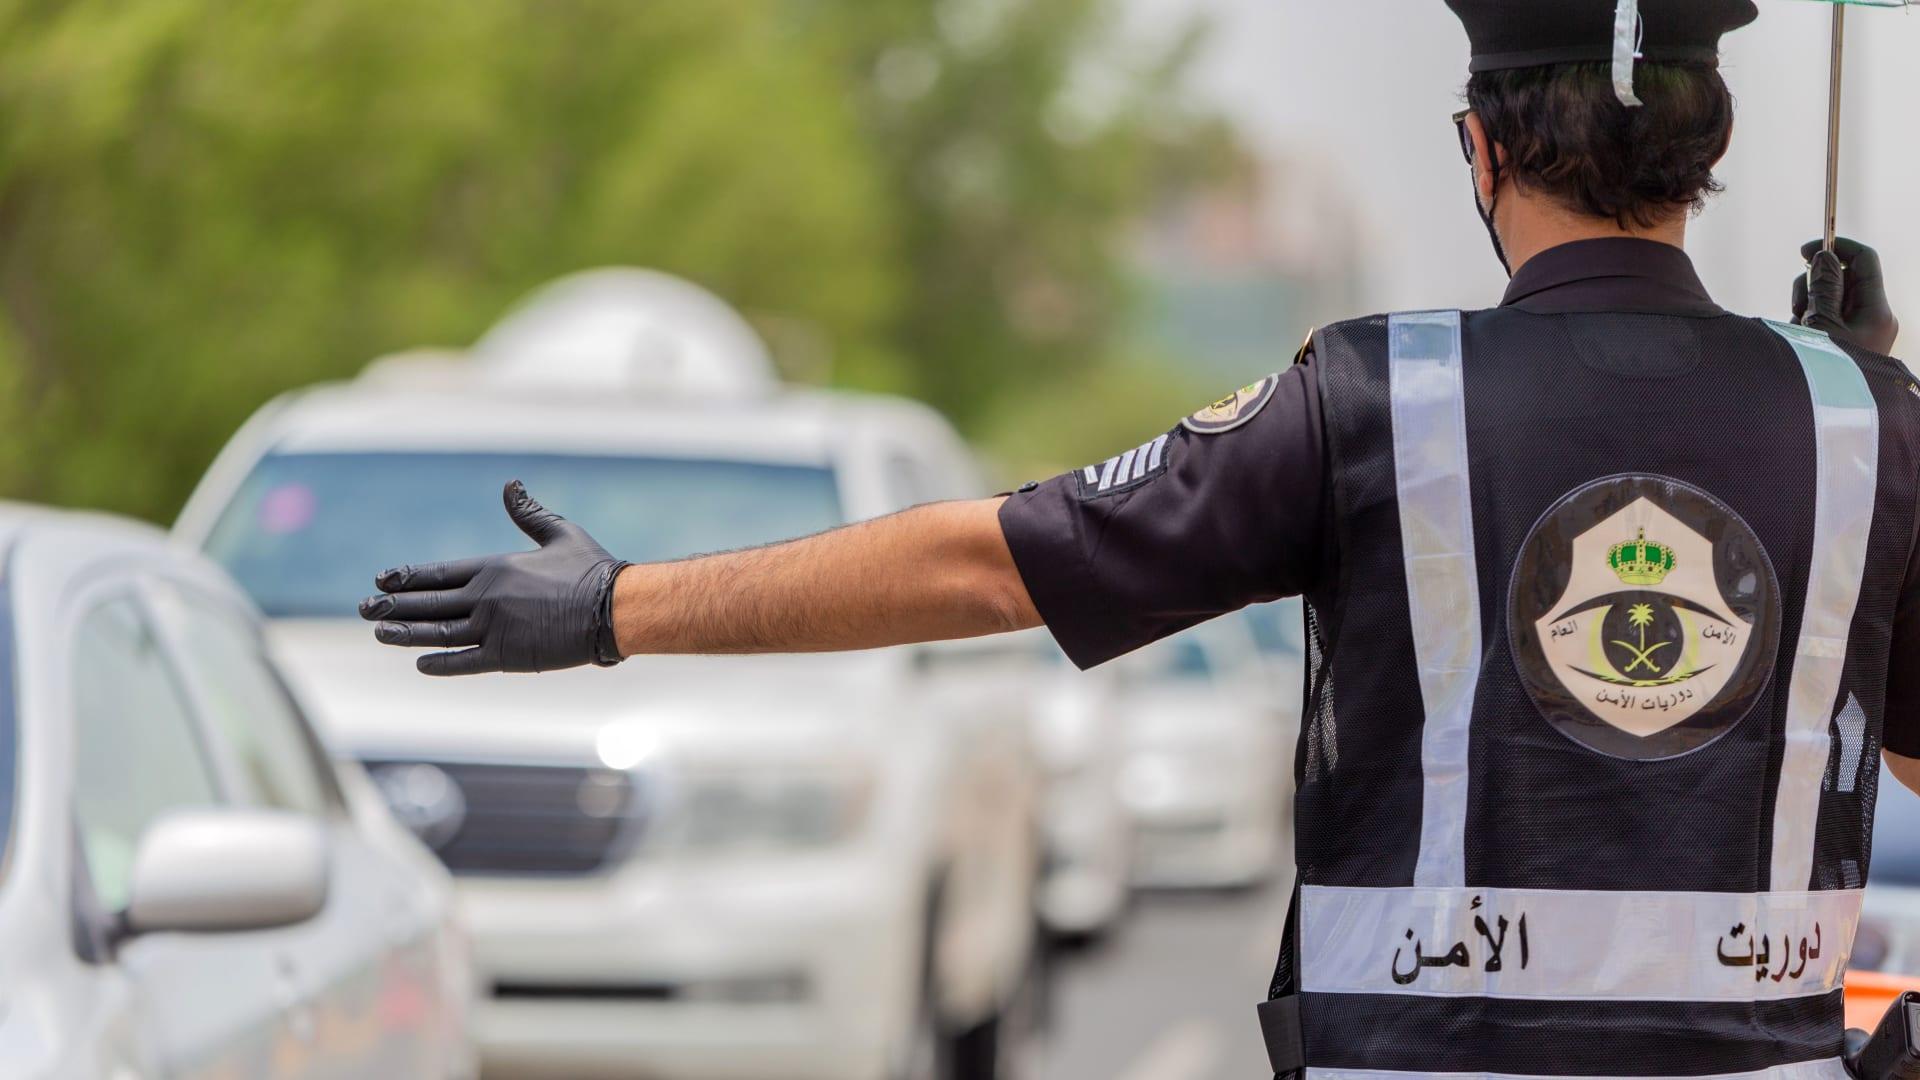 السعودية.. ضبط فتاتين وشابين بسبب فيديو إطلاق النار في حي سكني بالمدينة المنورة